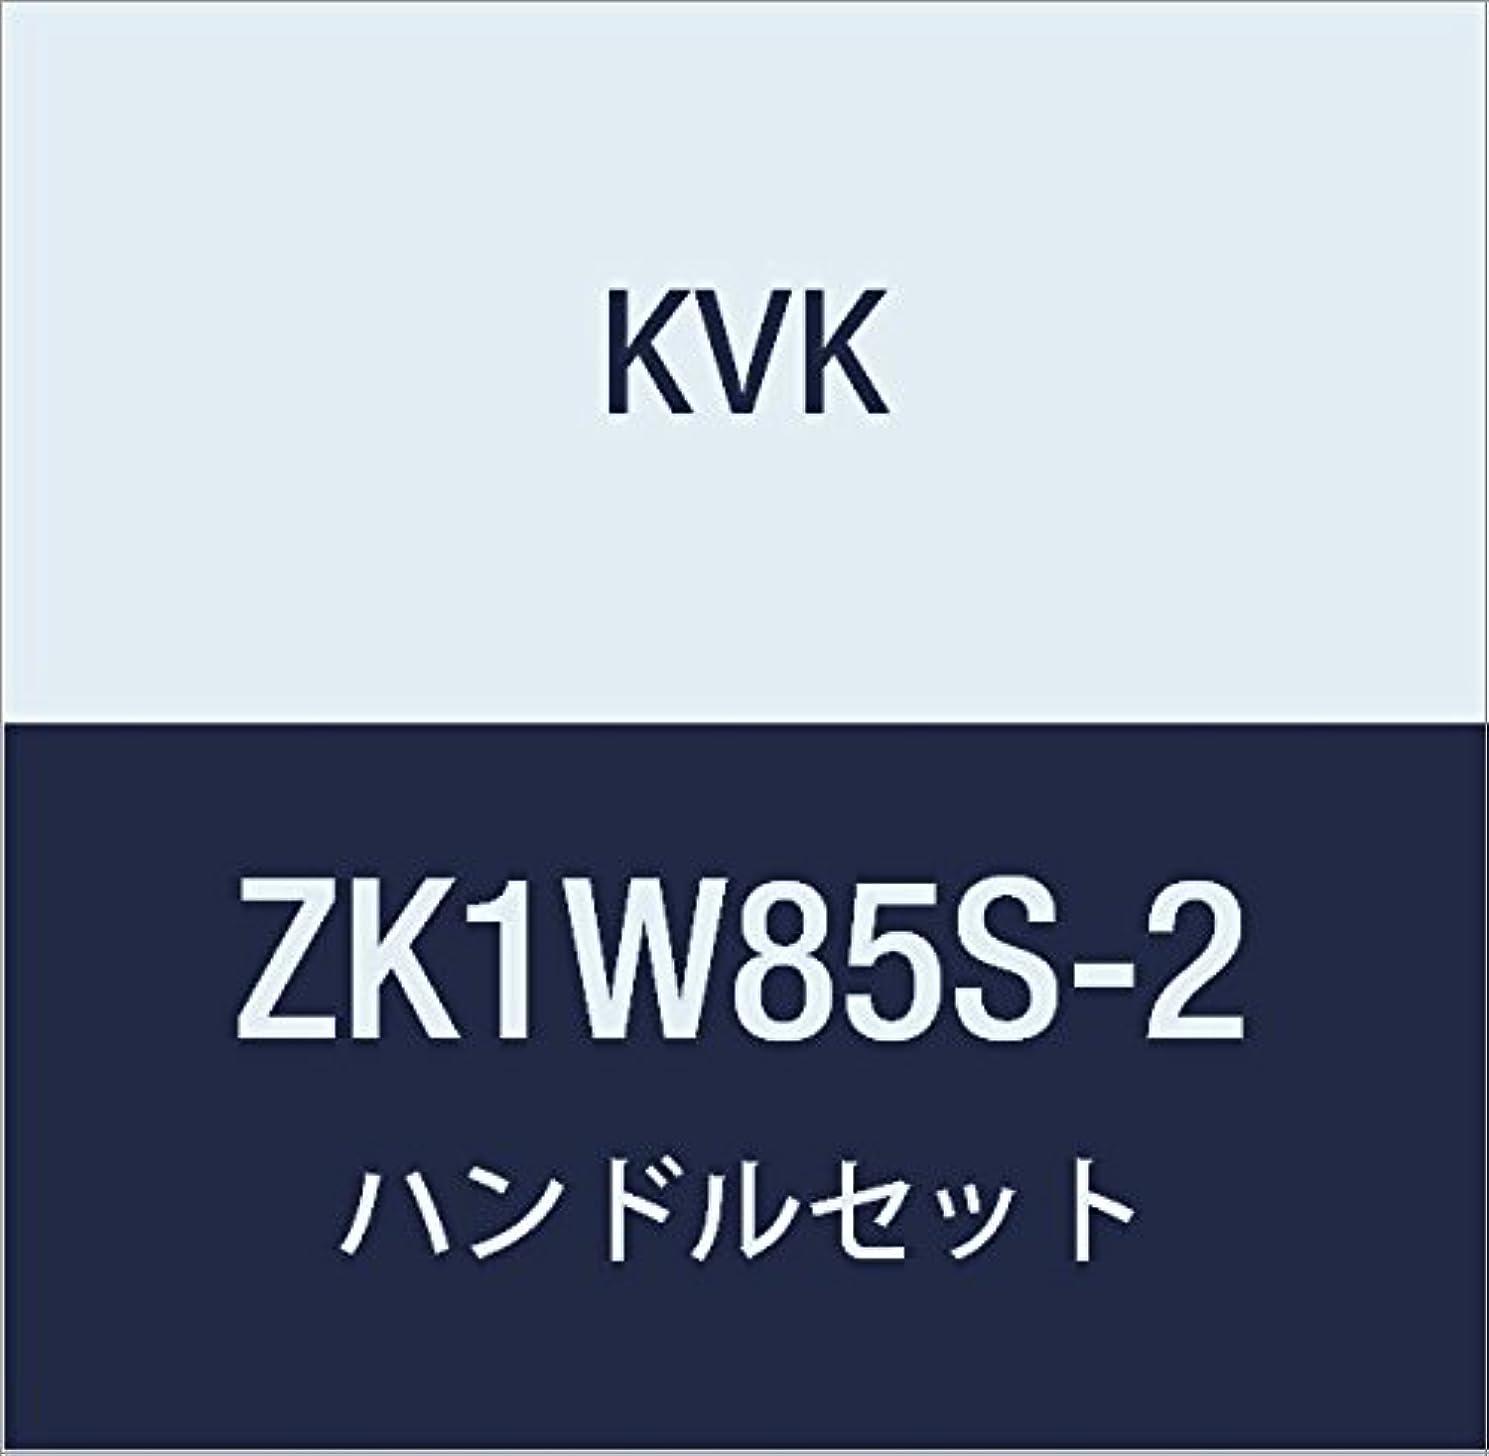 ウェーハ良さ頑固なKVK ハンドルセット ZK1W85S-2